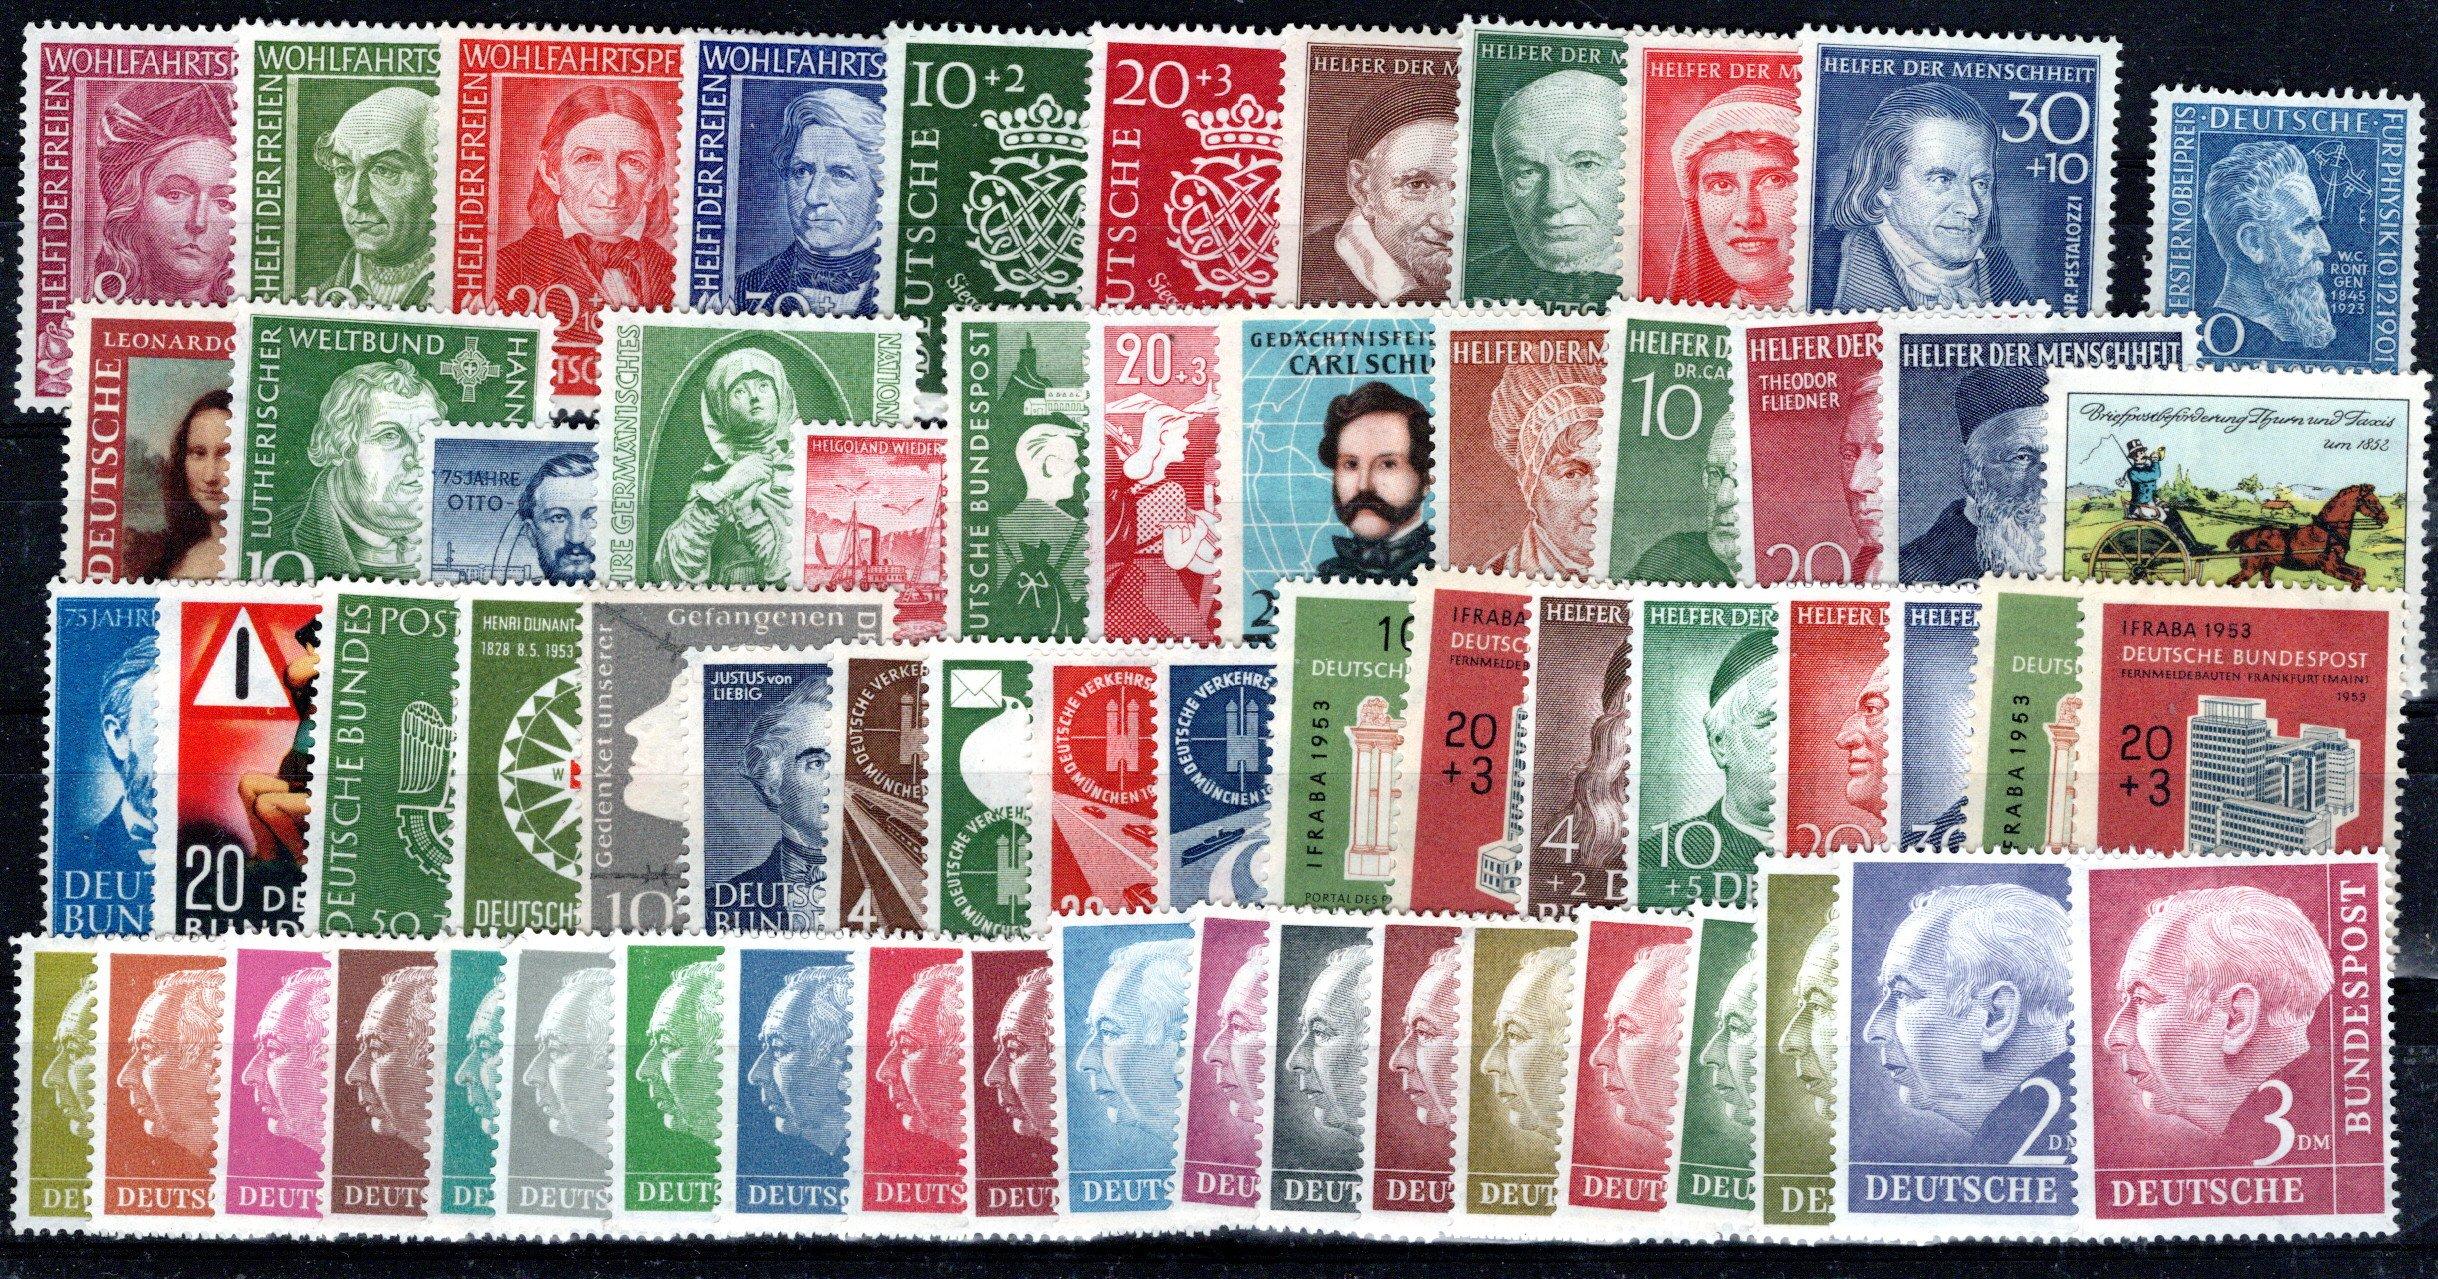 Lot 4429 - germany federal republic -  Georg Bühler Briefmarken Auktionen 26th mail bid auction